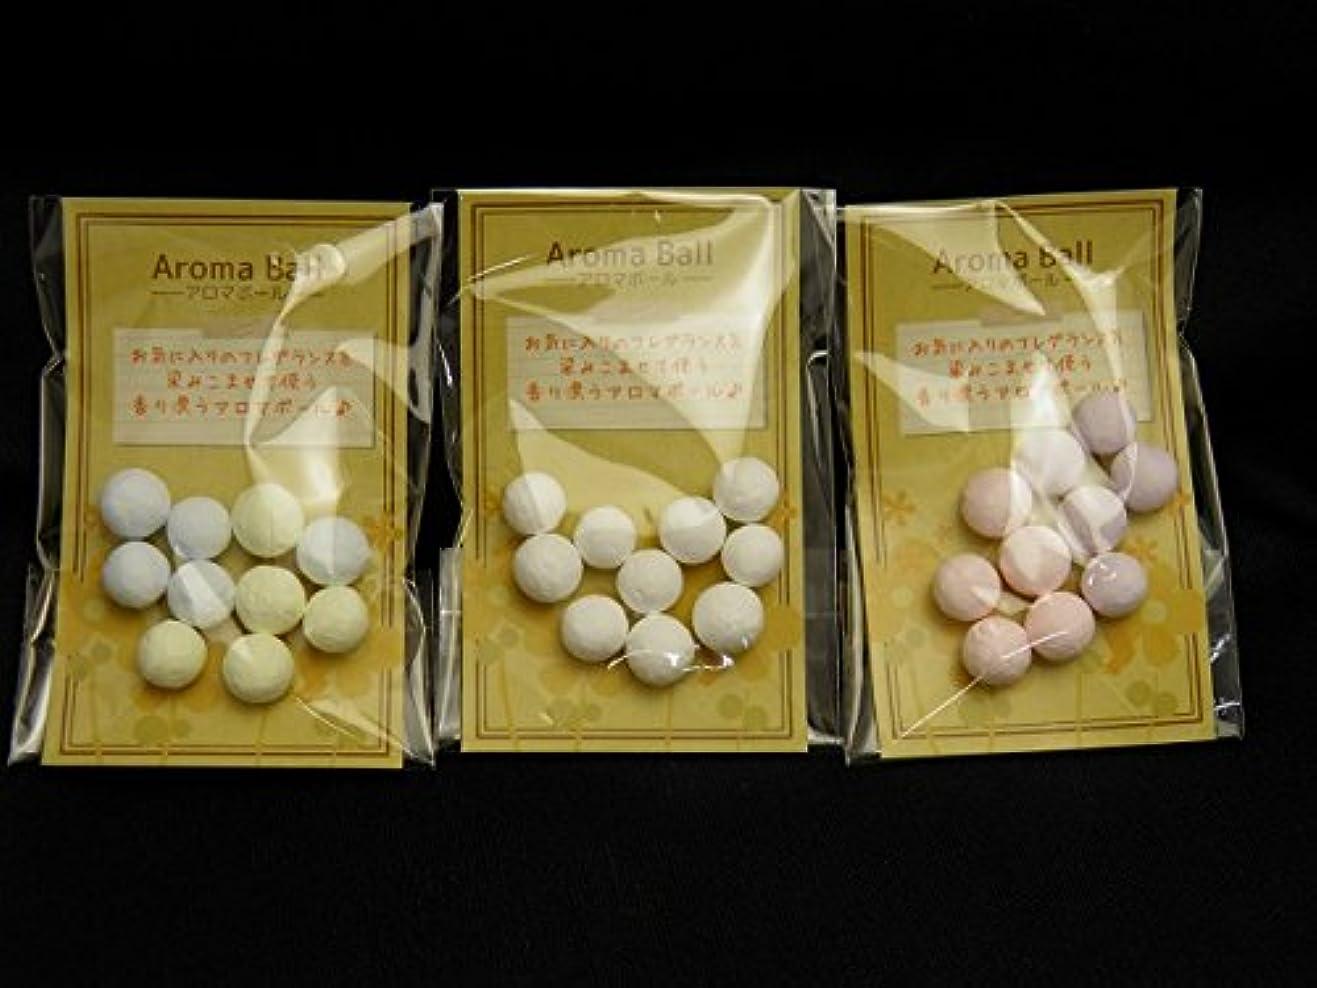 ミトンはさみ破壊インペリアルオーラ 3種類 アロマボールレフィル 10粒入り(2色各5粒) ホワイト